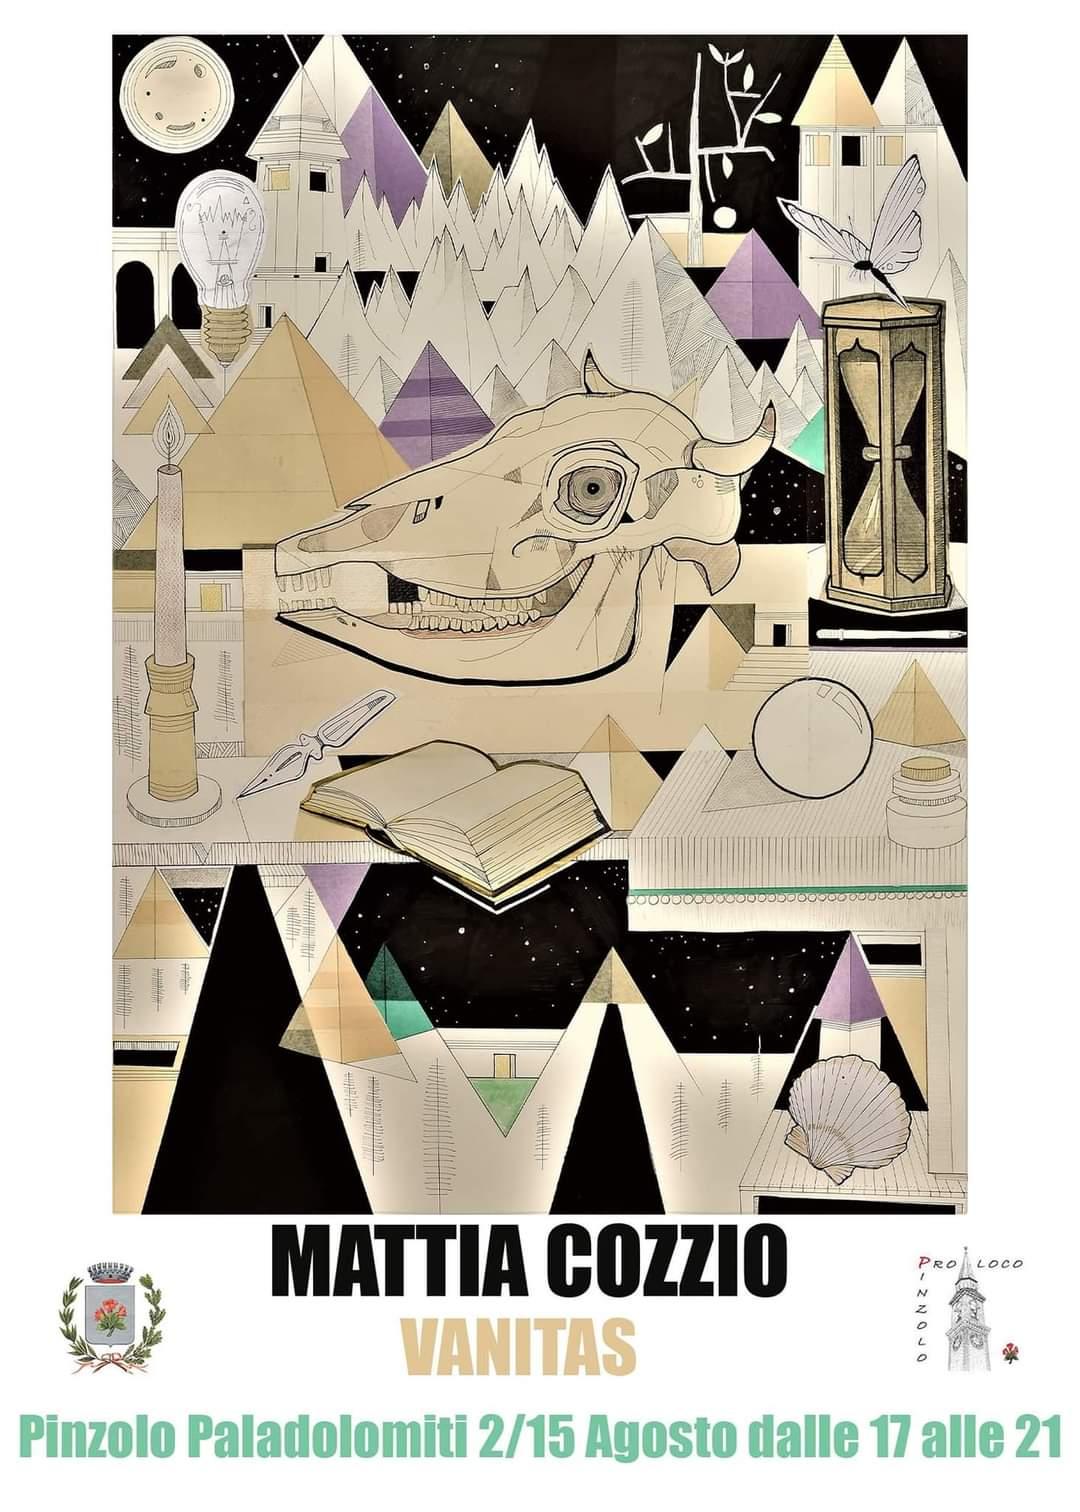 Vanitas, mostra di Mattia Cozzio al Paladolomiti dal 2 al 15 agosto